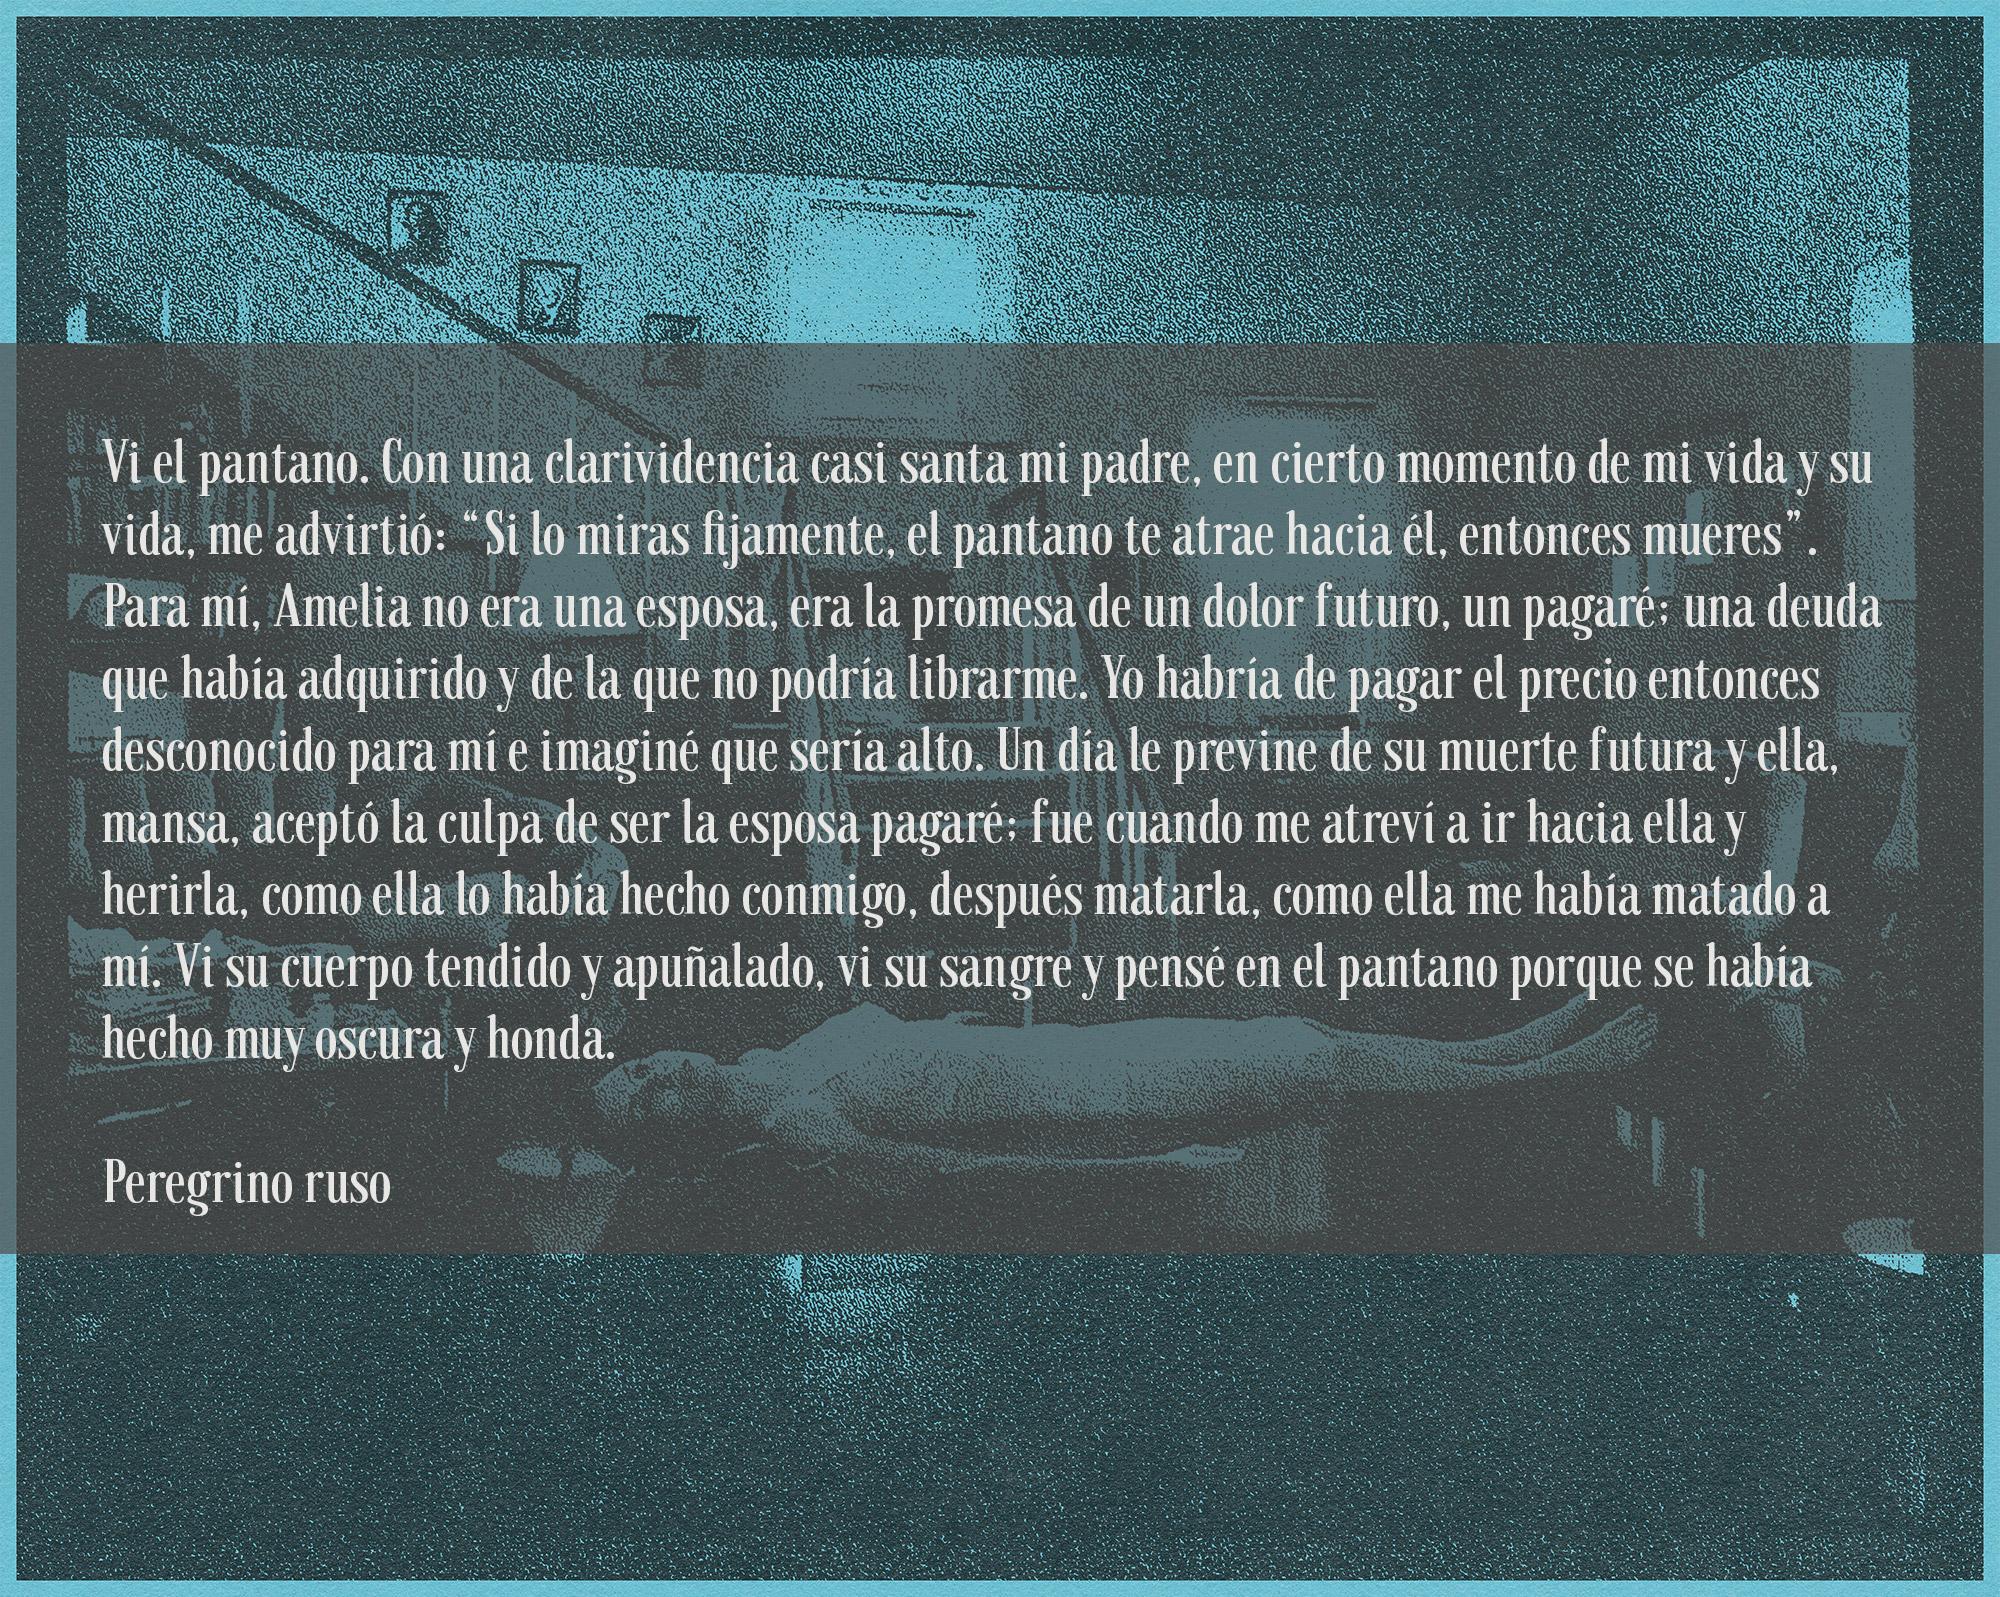 Cuento_La_mano_mas_agil.jpg